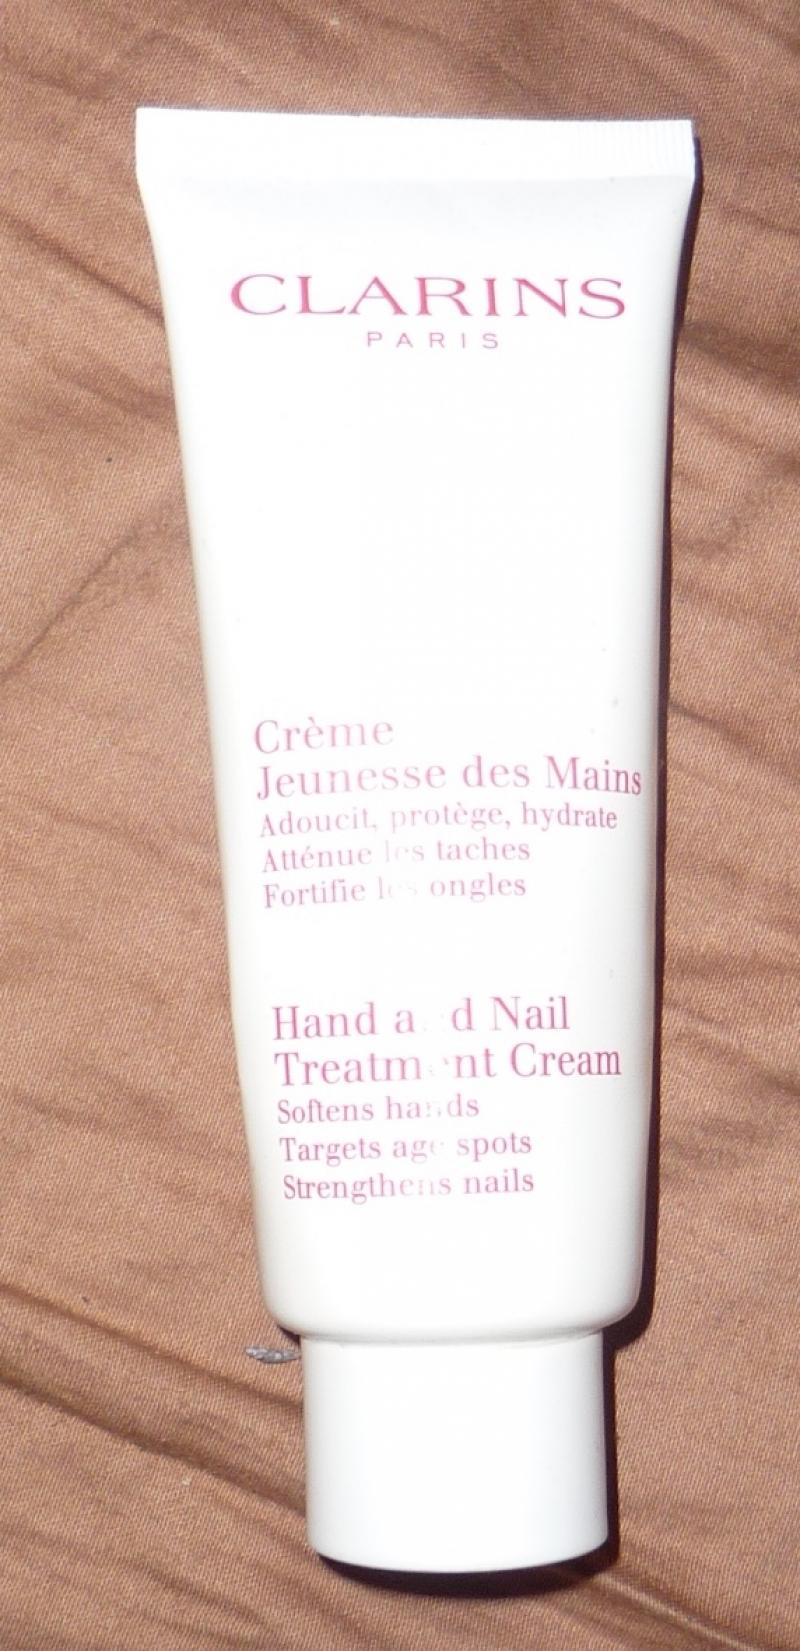 Swatch Crème jeunesse des mains, Clarins